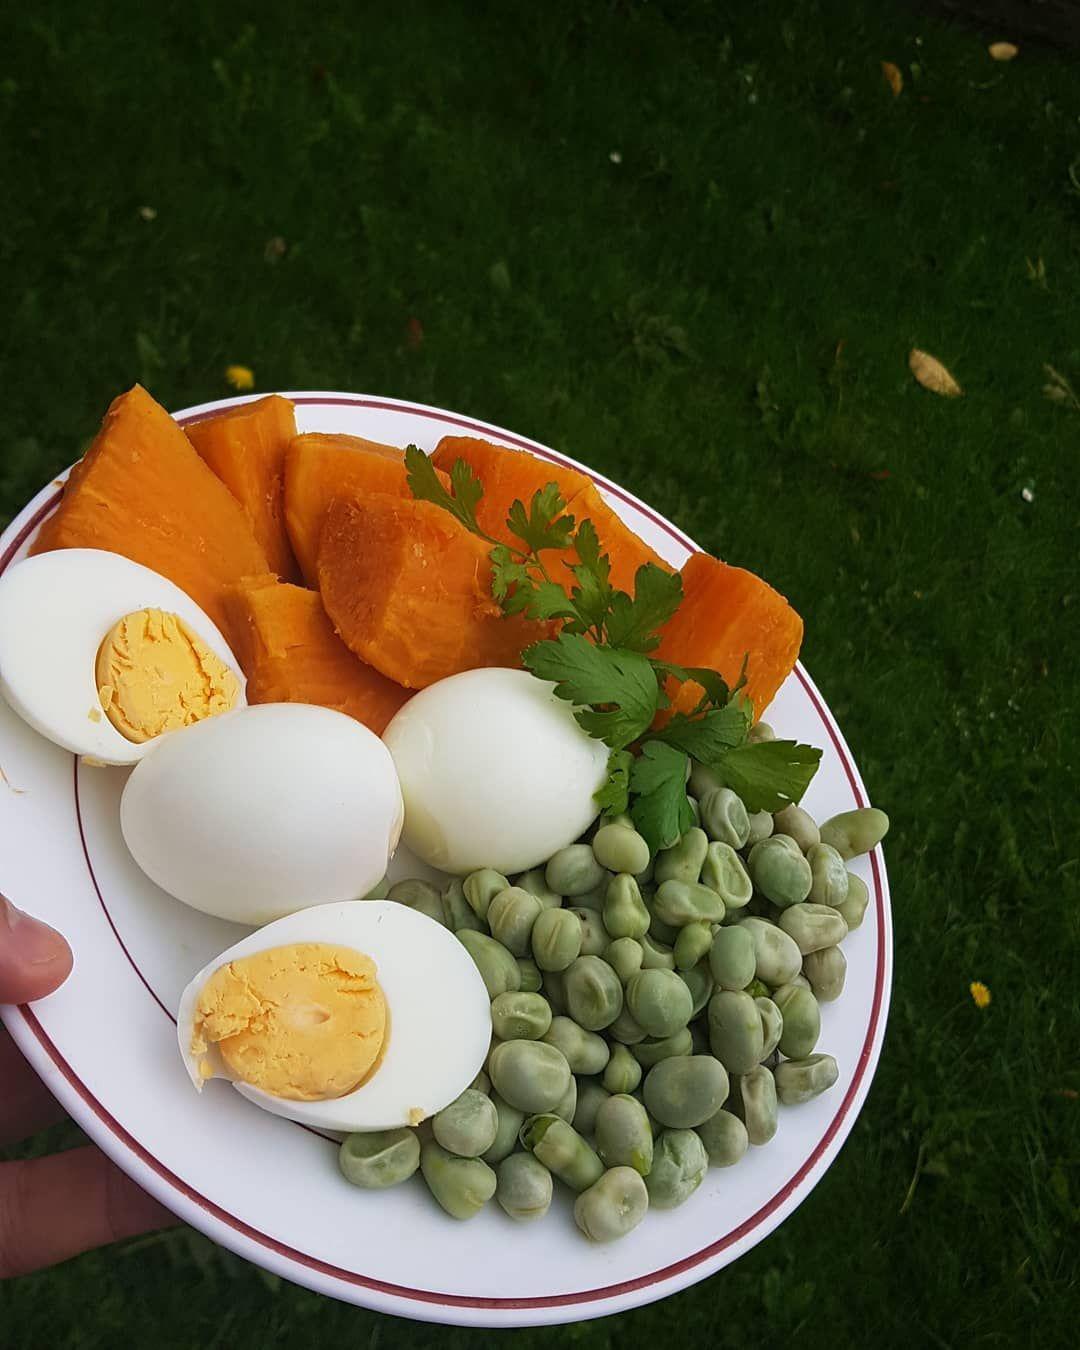 #healthy #avondeten #patata #vegetables #eten #❤ #proteins💪 #fit #fitnessfood #fitness #groenten #ve...